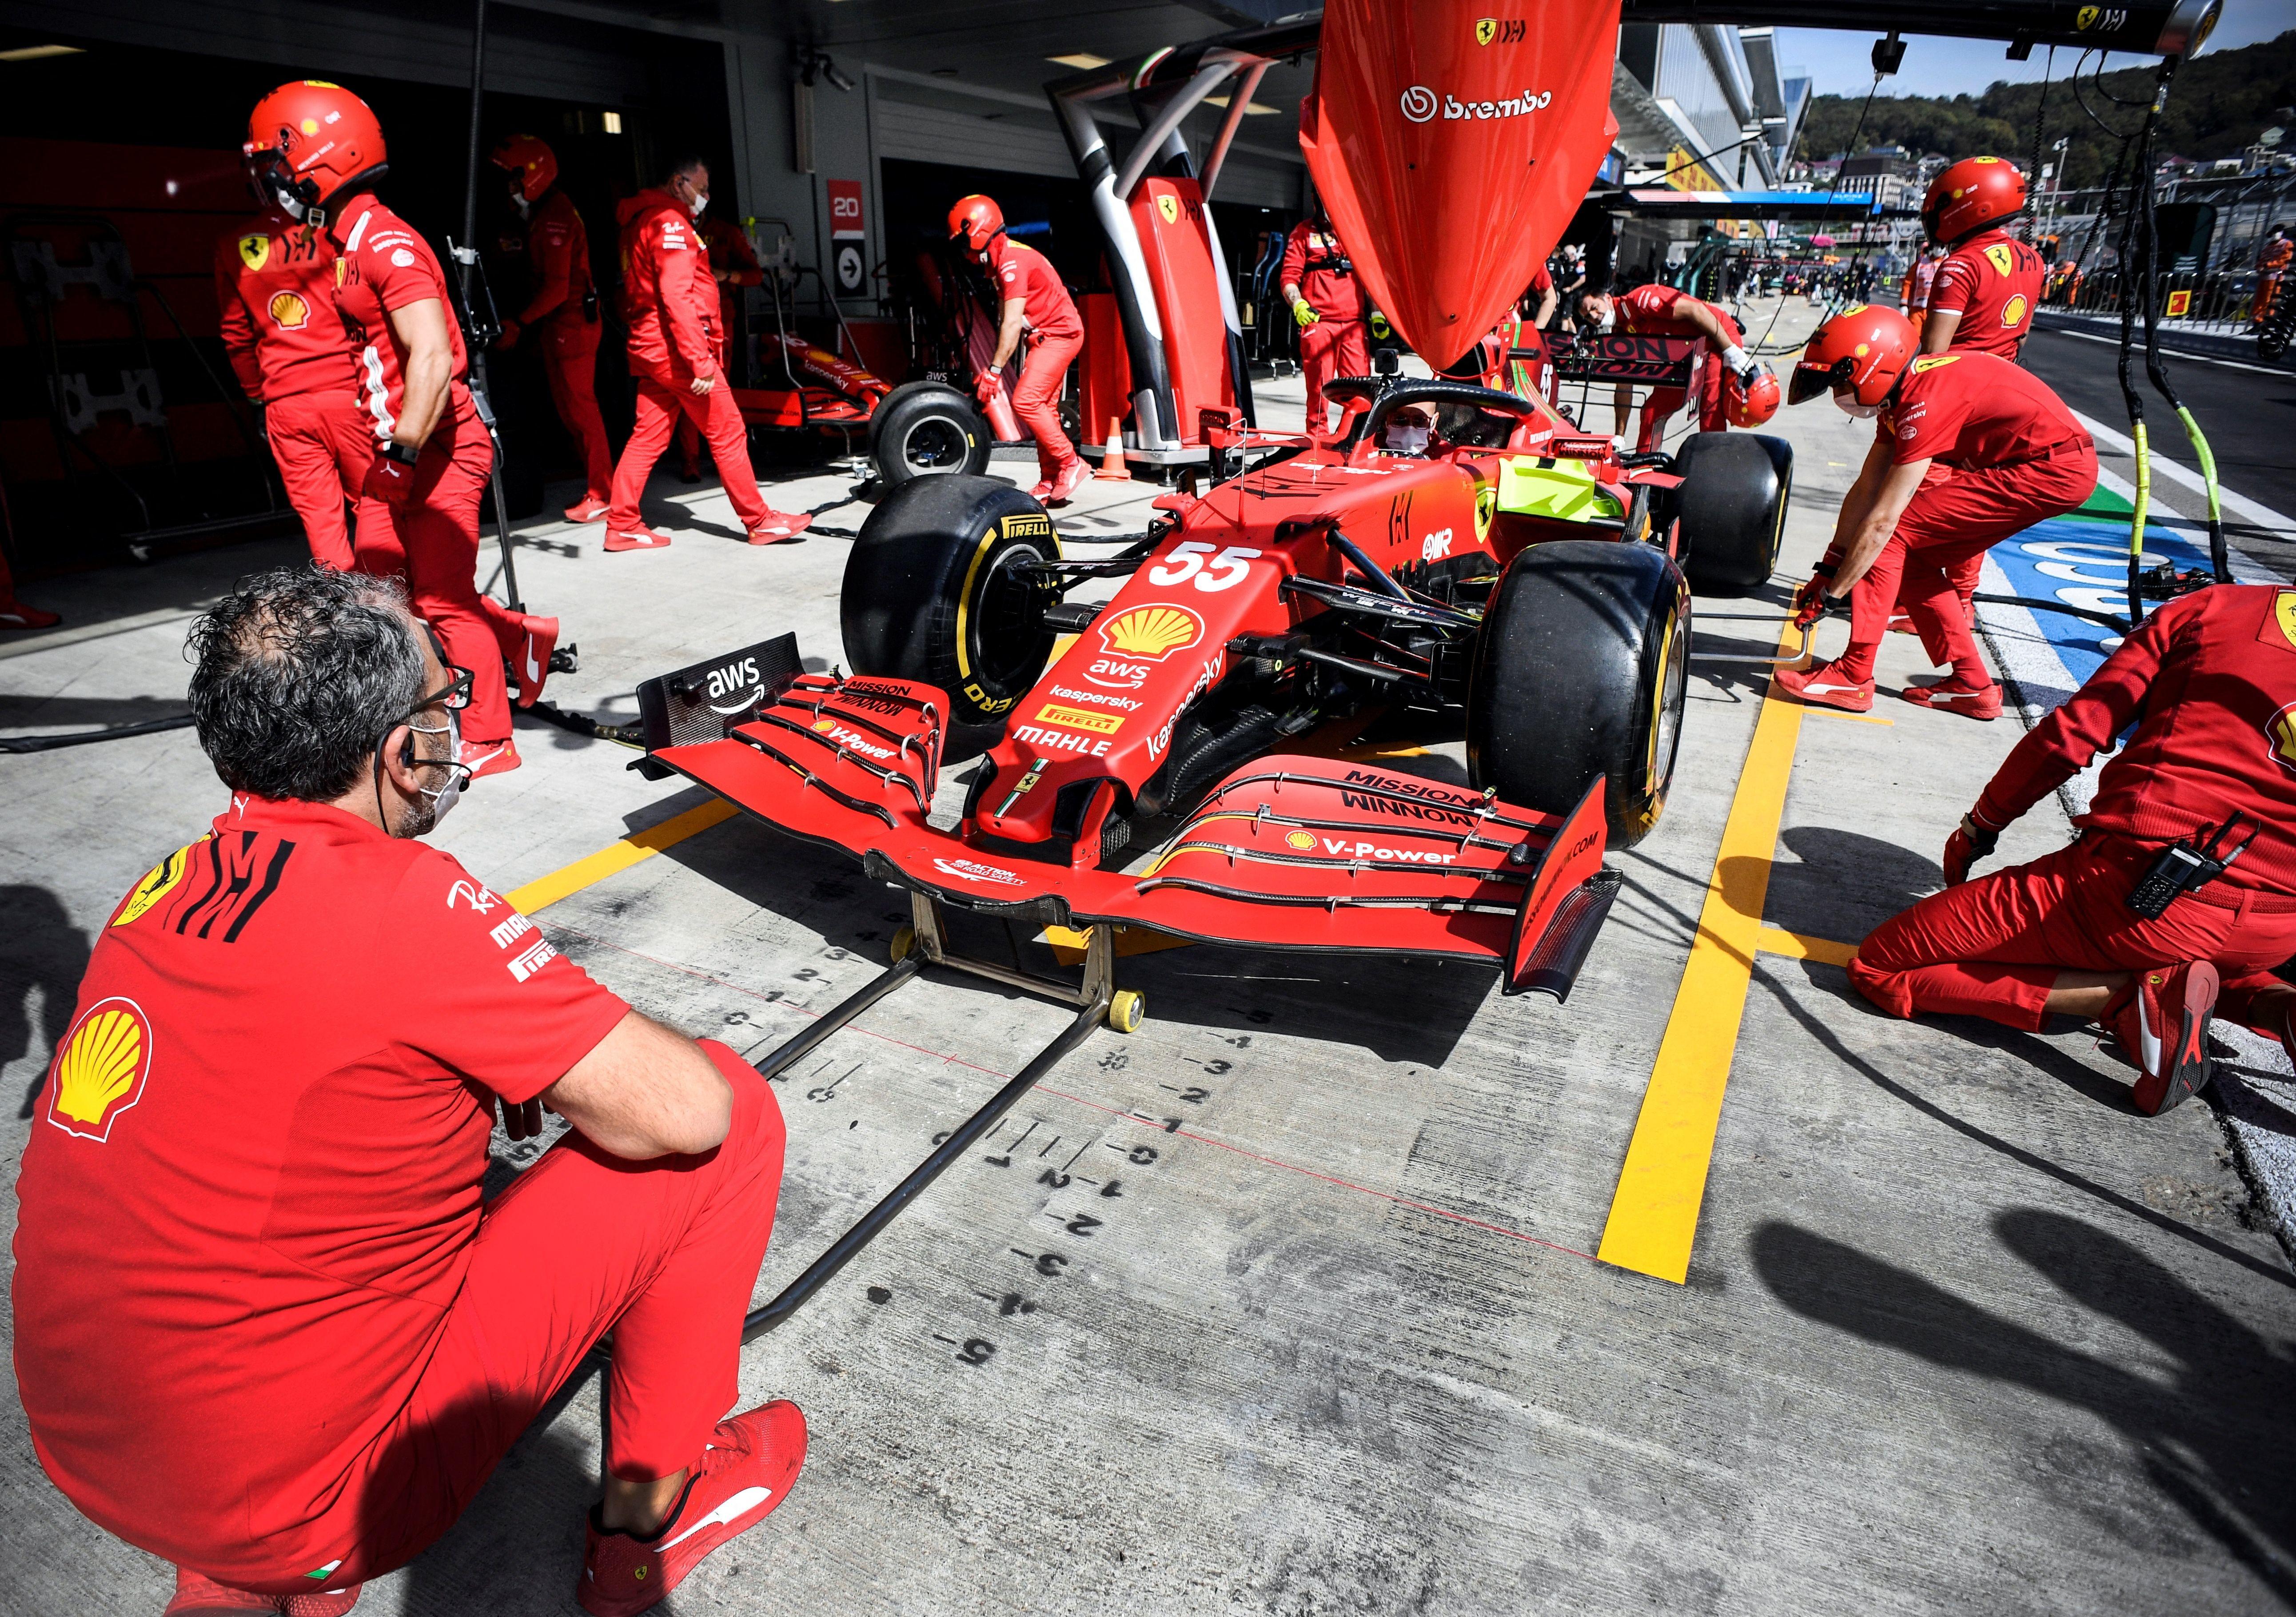 Il duello per il titolo mondiale di Formula Uno fa tappa in Russia, chi avr&agrave; la meglio? Verstappen partir&agrave; dal fondo della griglia (cambio power unit), Hamilton prover&agrave; ad approfittarne<br /><br />